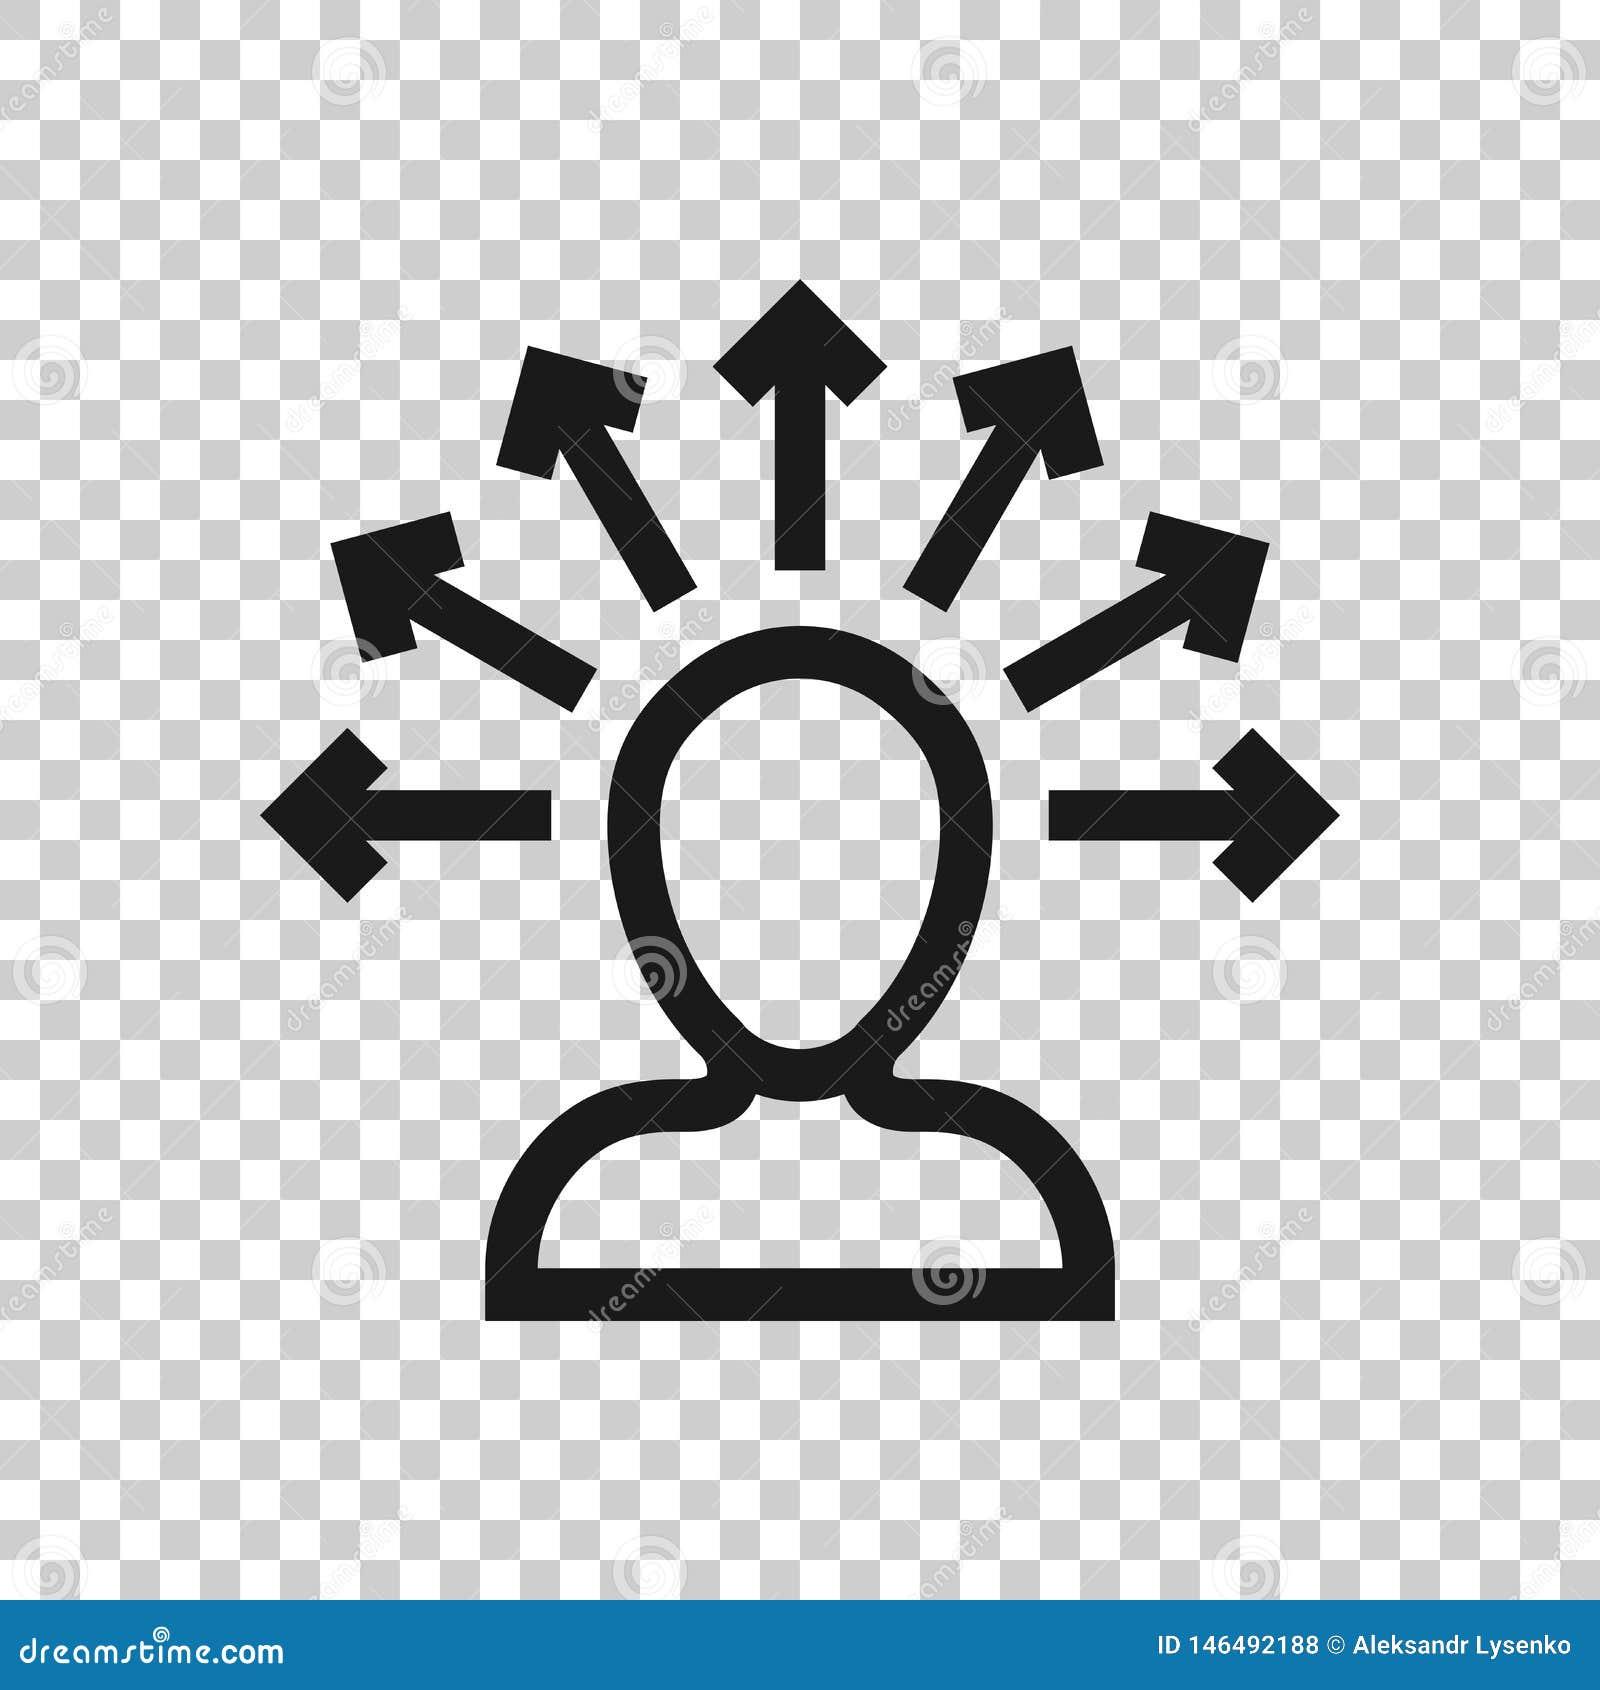 透明风格的意识图标 孤立背景下的理想人类矢量图解 客户头脑商业概念